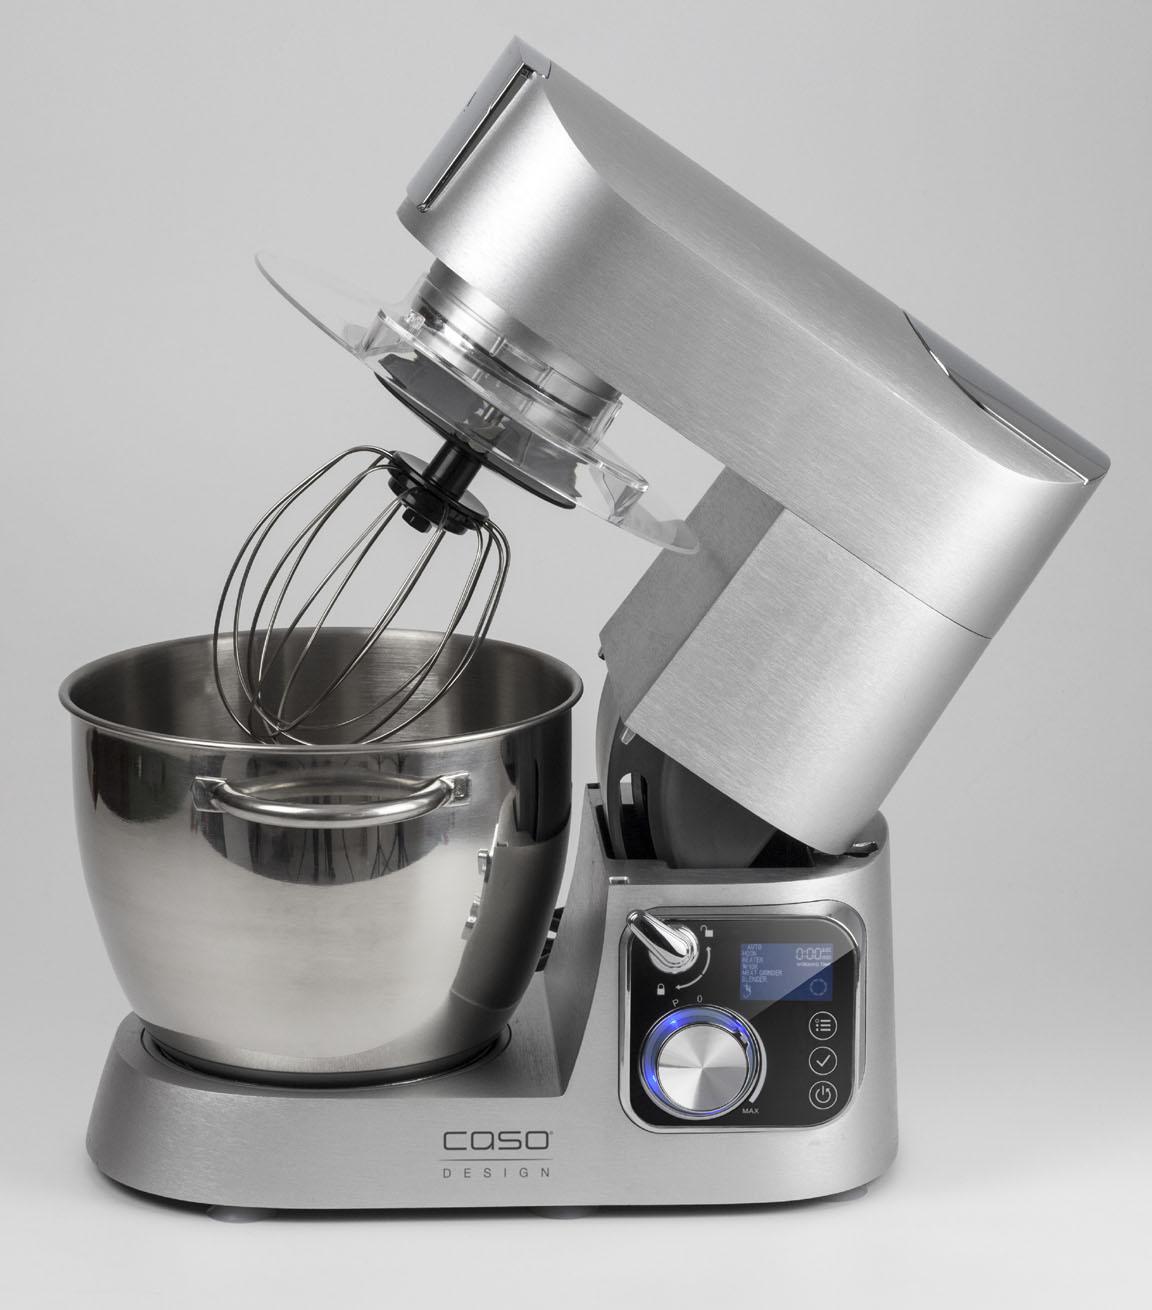 Robot de cocina km 1200 chef caso germany tienda for Robot de cocina chef titanium